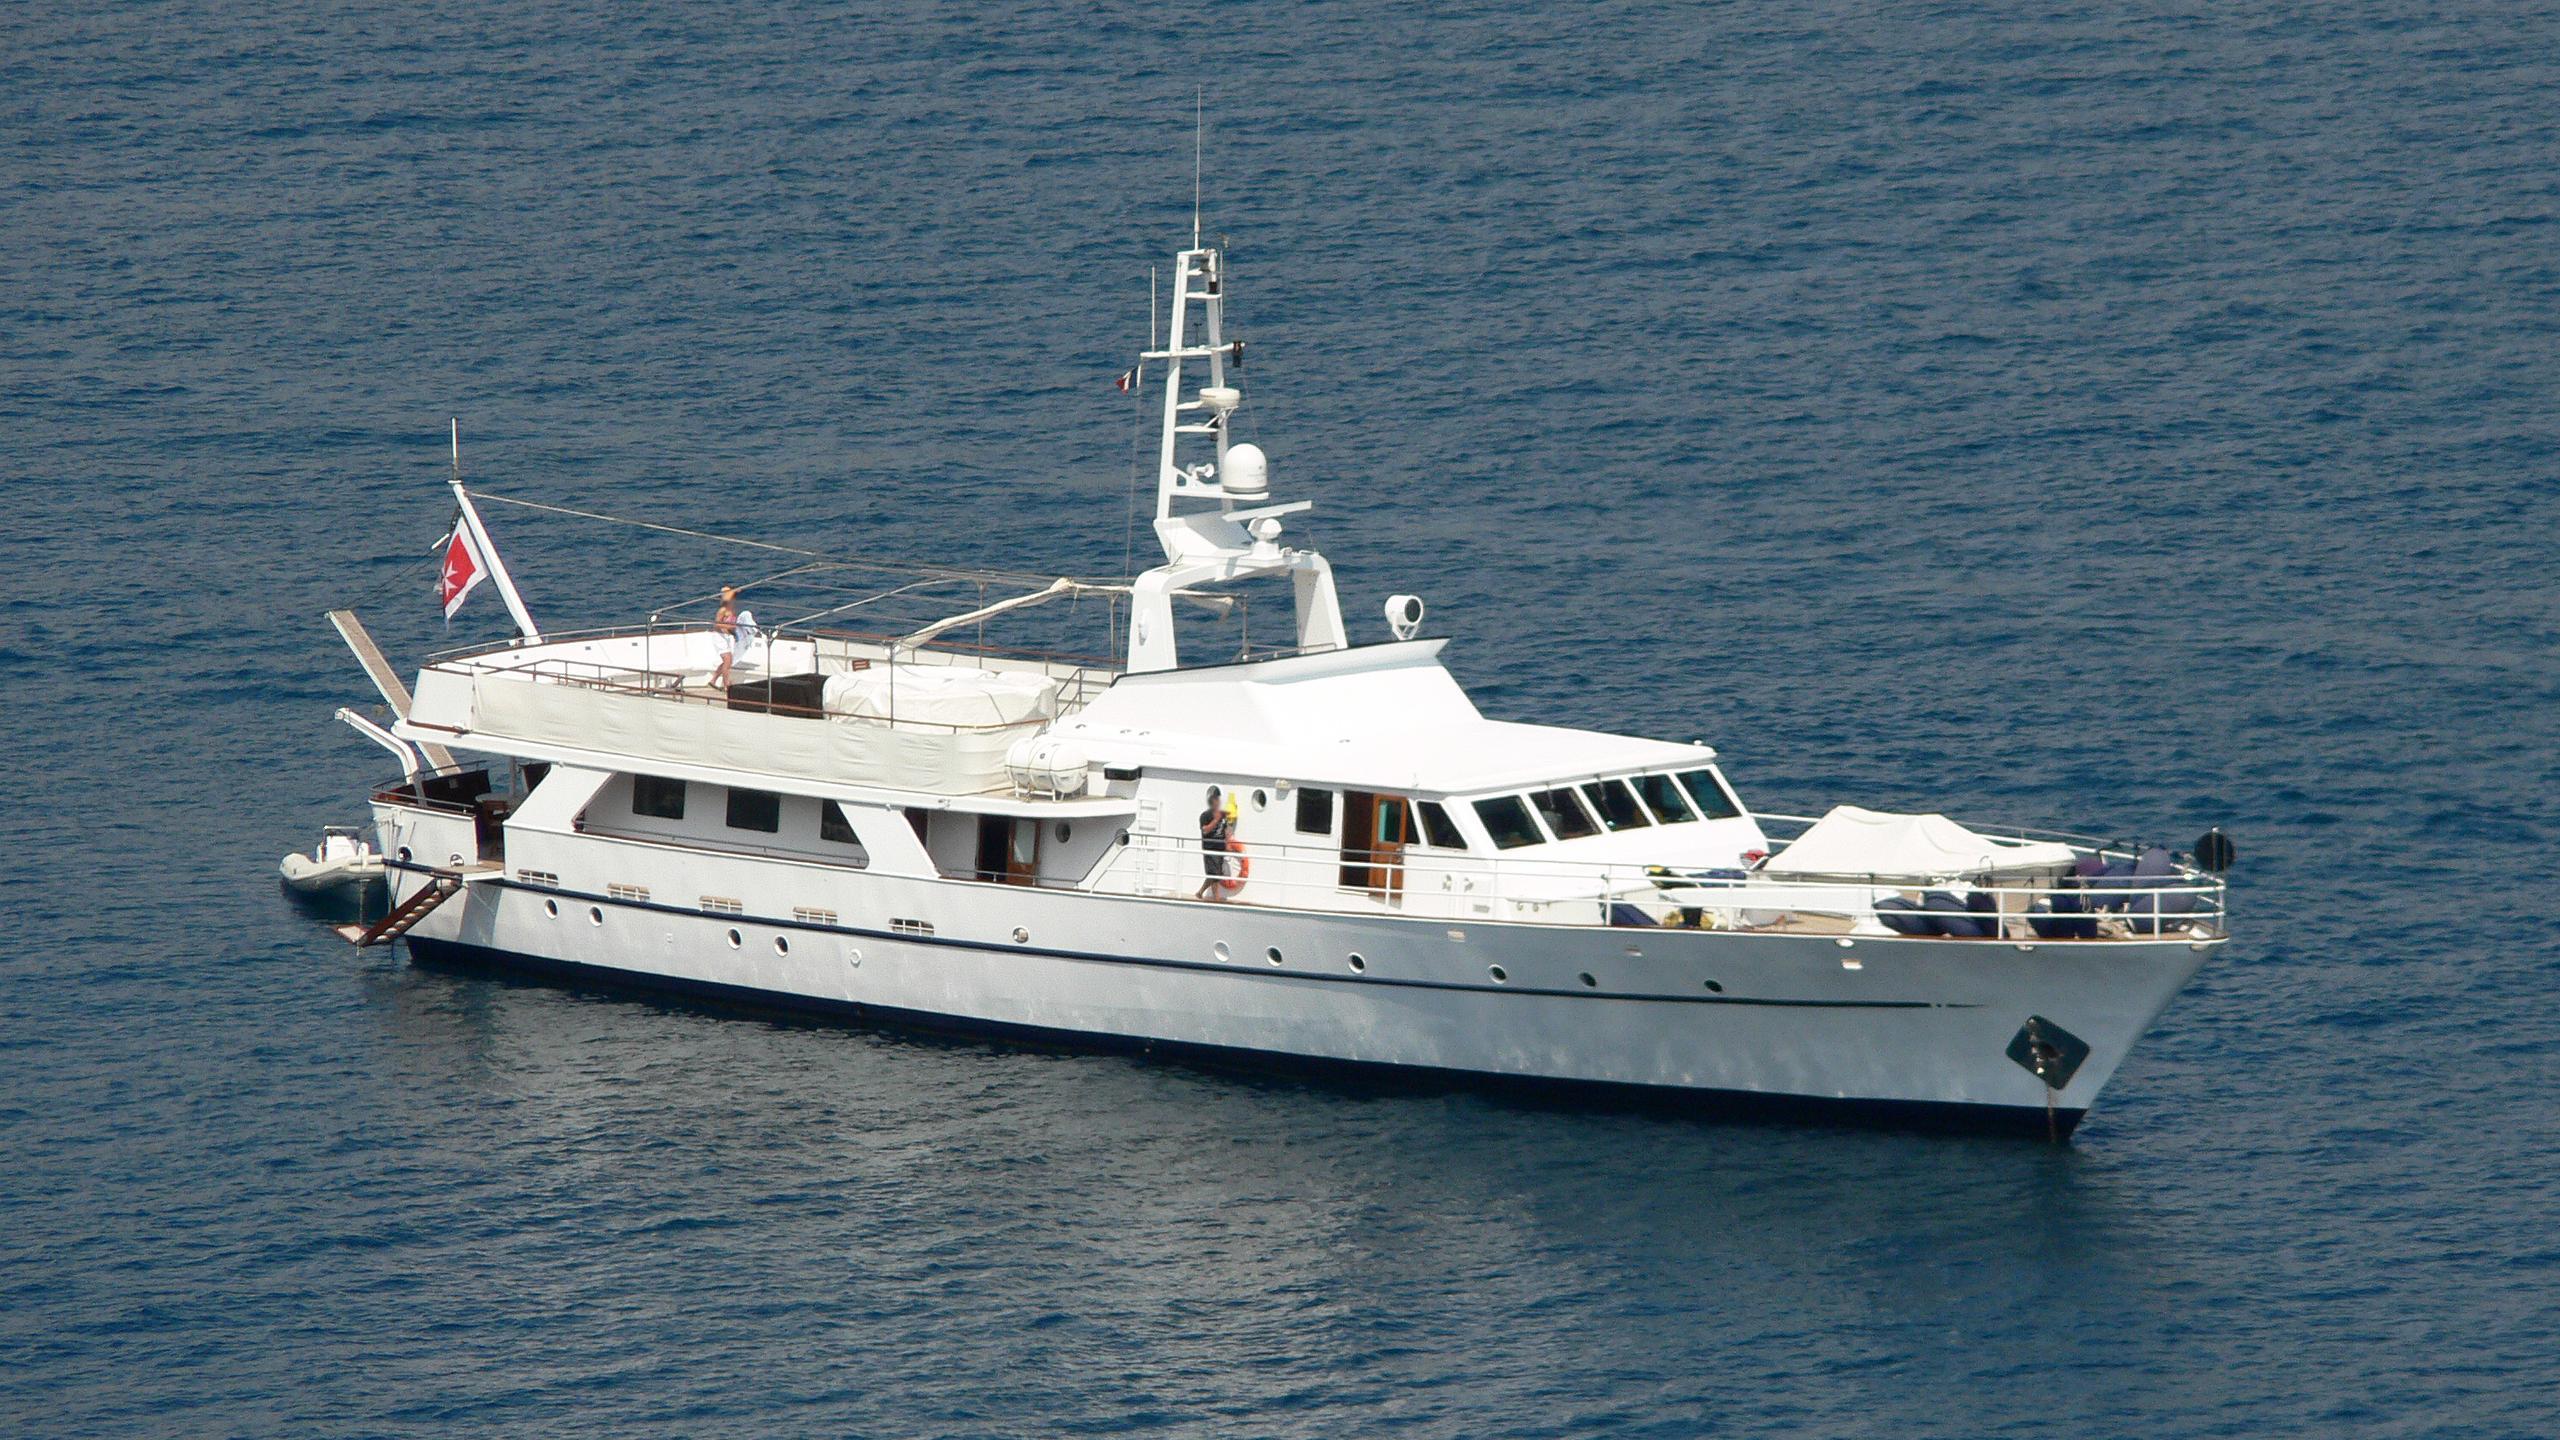 shaha-motor-yacht-socarenam-1978-34m-half-profile